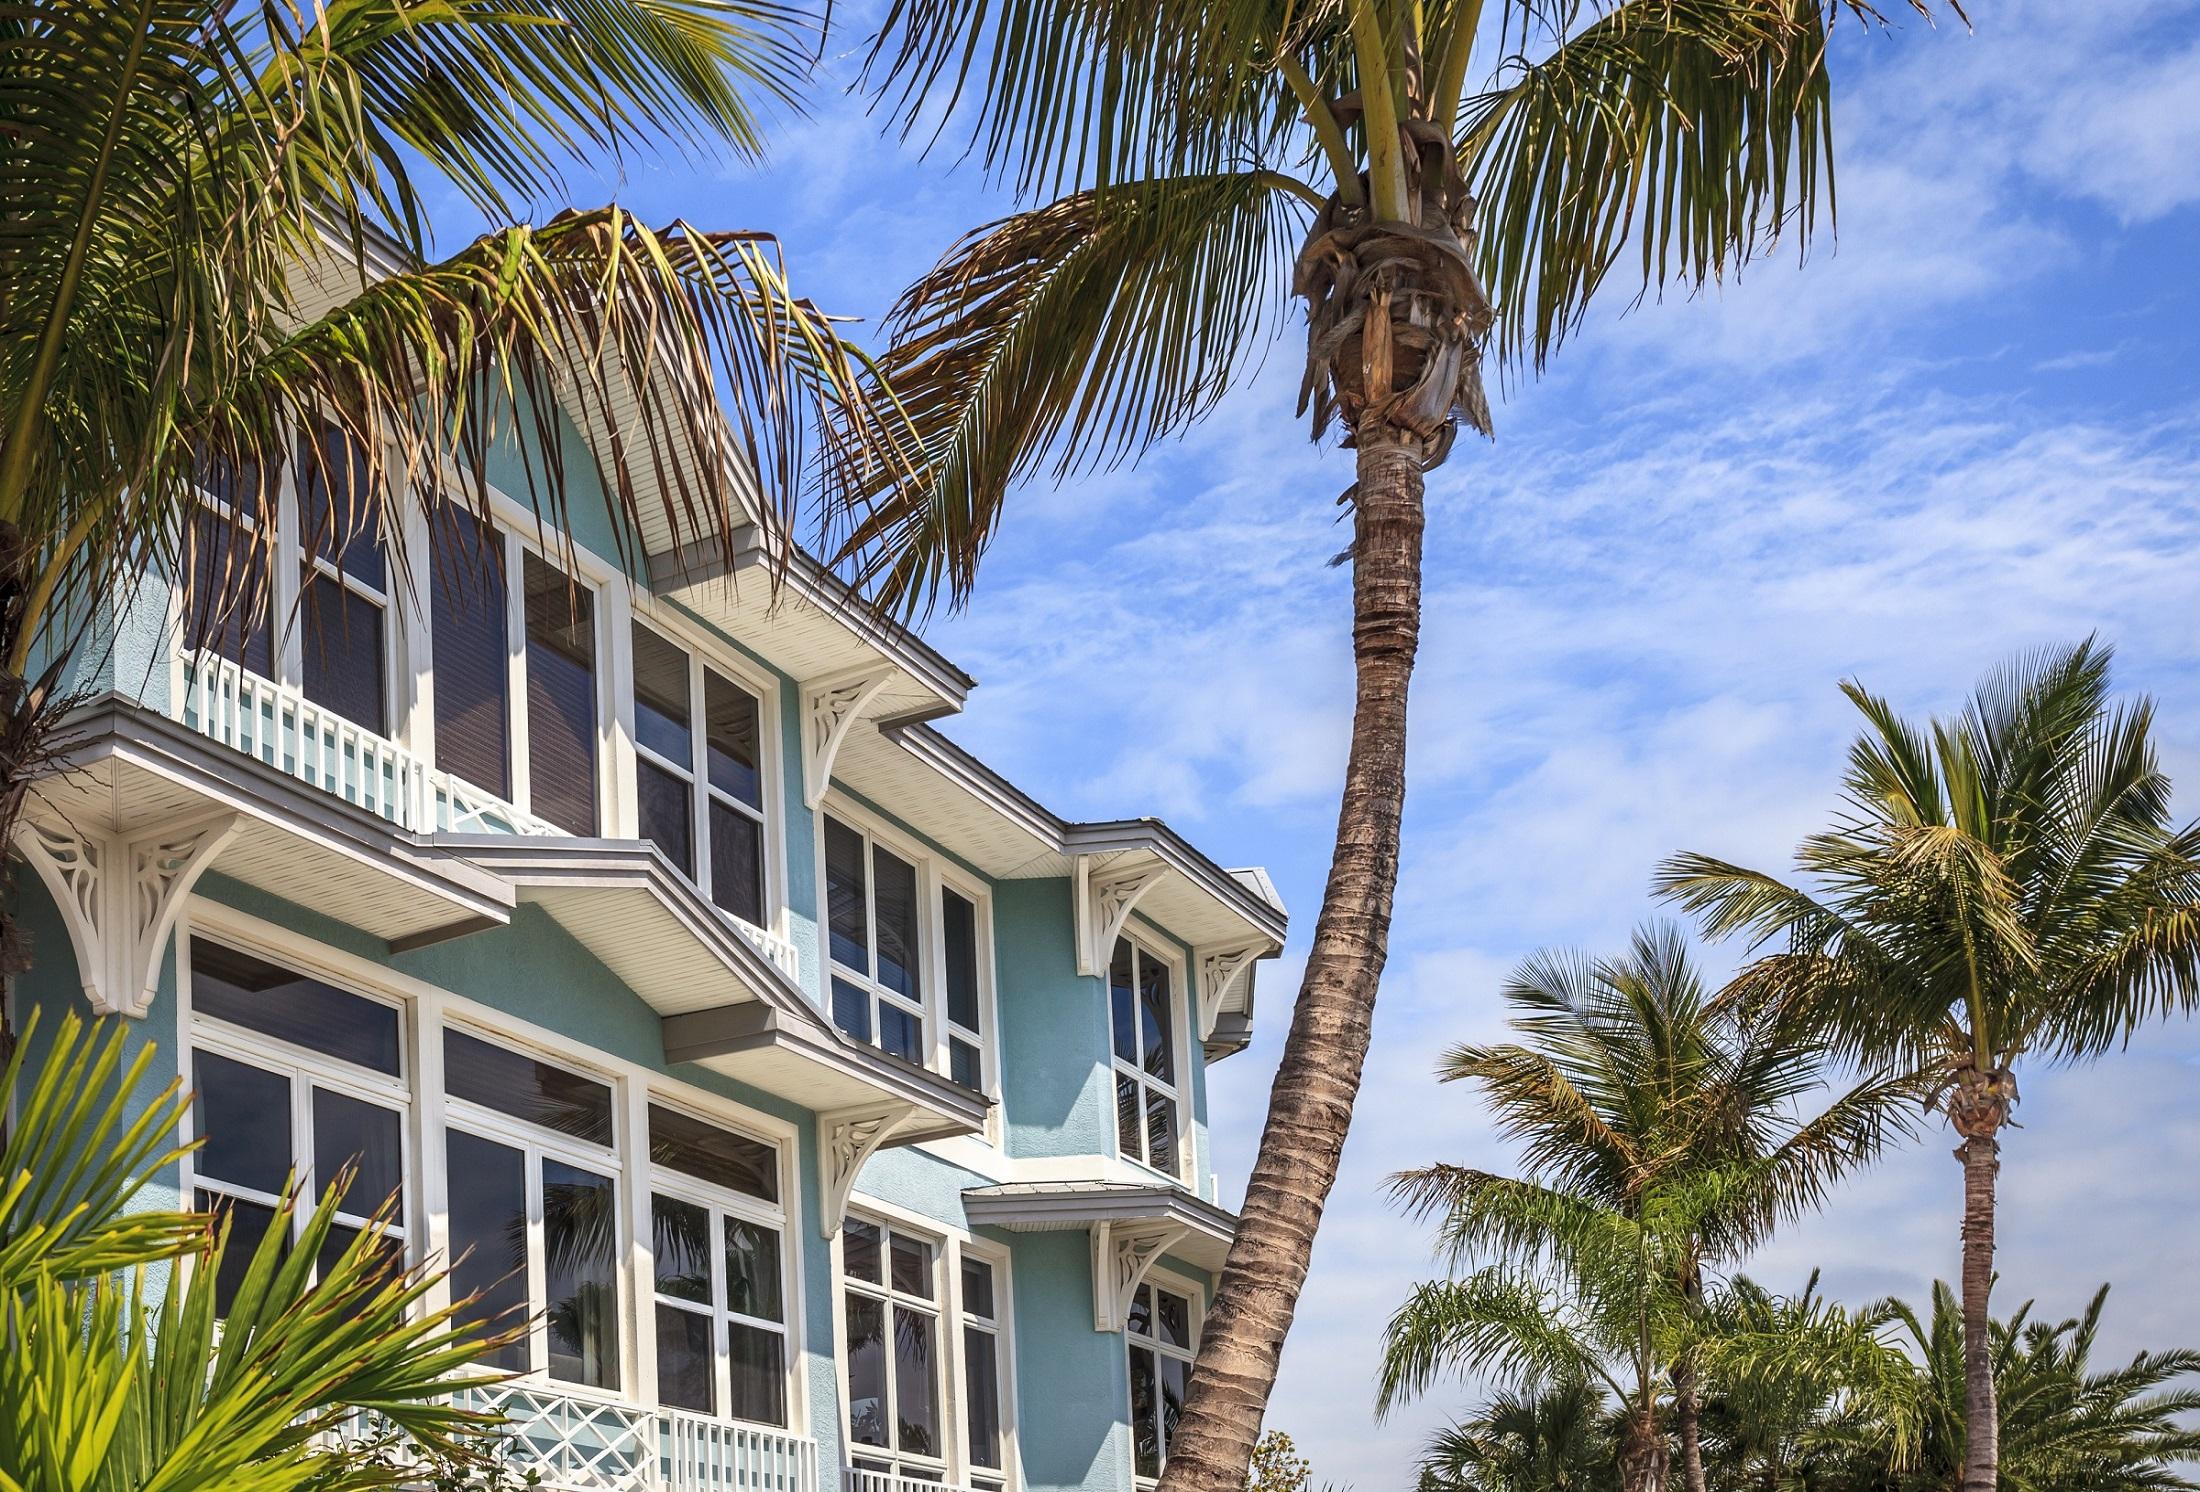 Buy Homes in Estero Florida